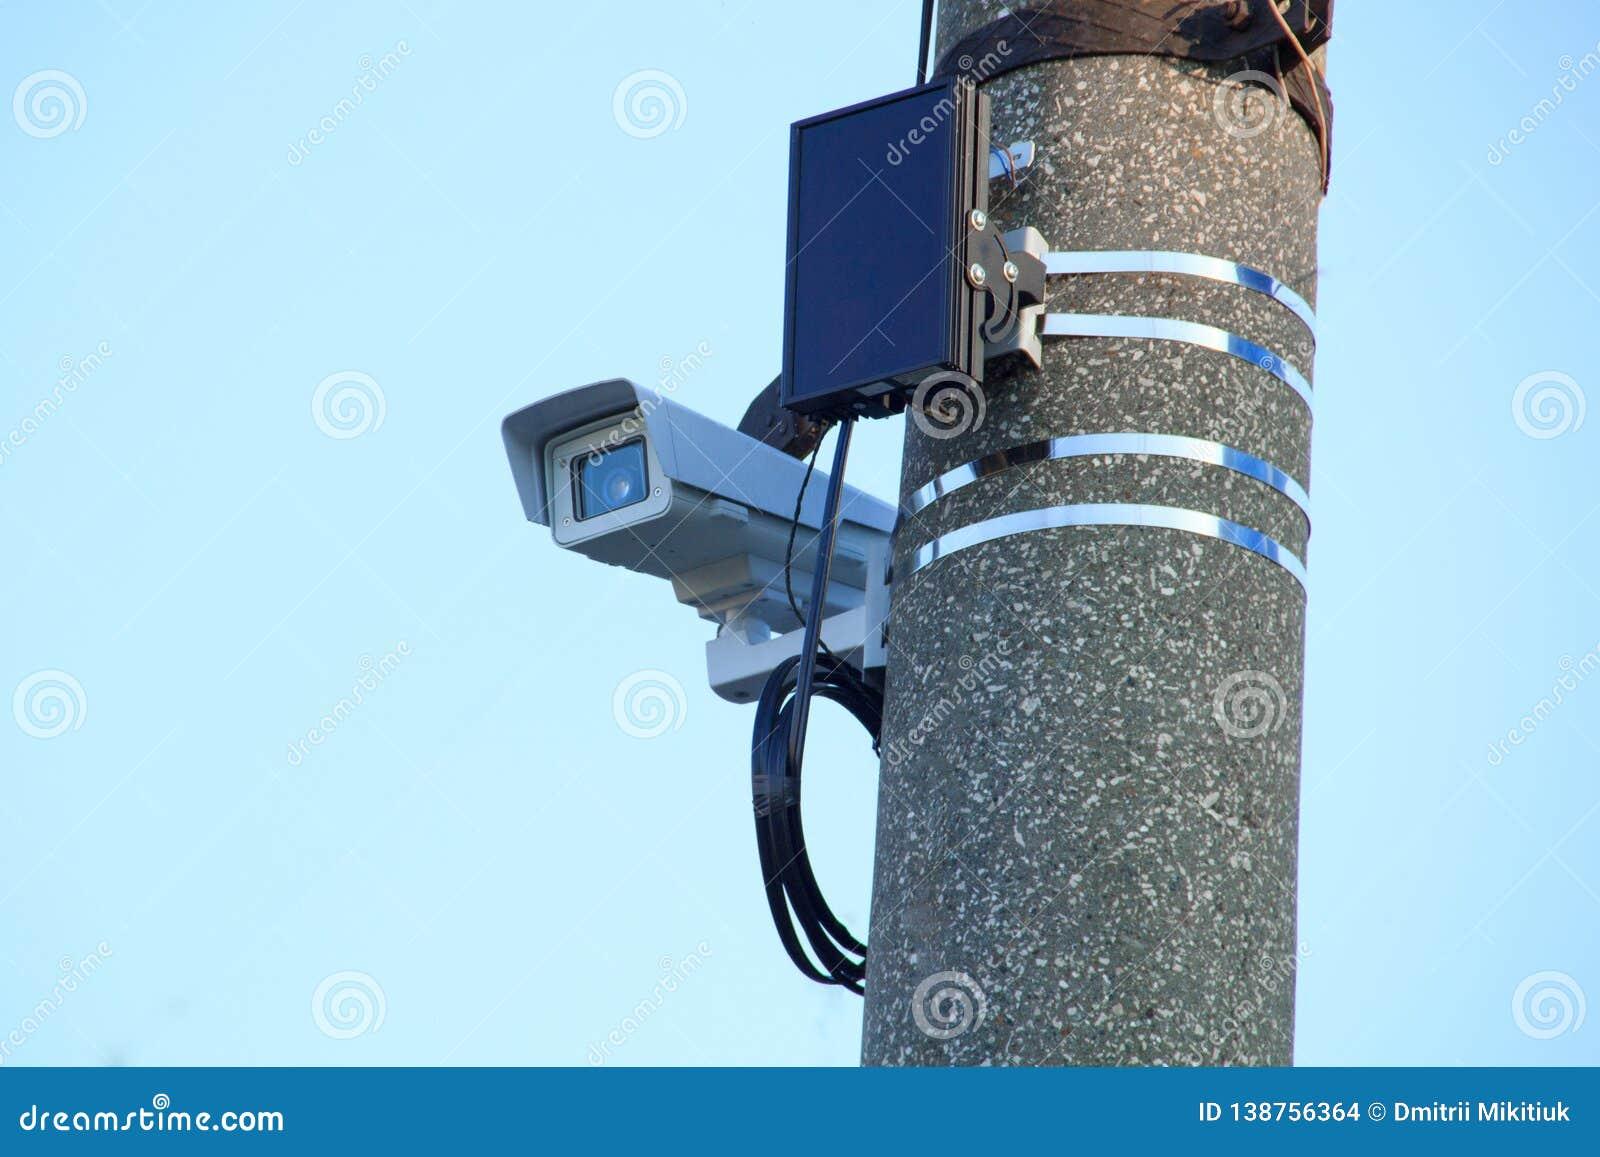 A câmara de vídeo no revestimento térmico selado no suporte é fixada em uma coluna da estrada concreta